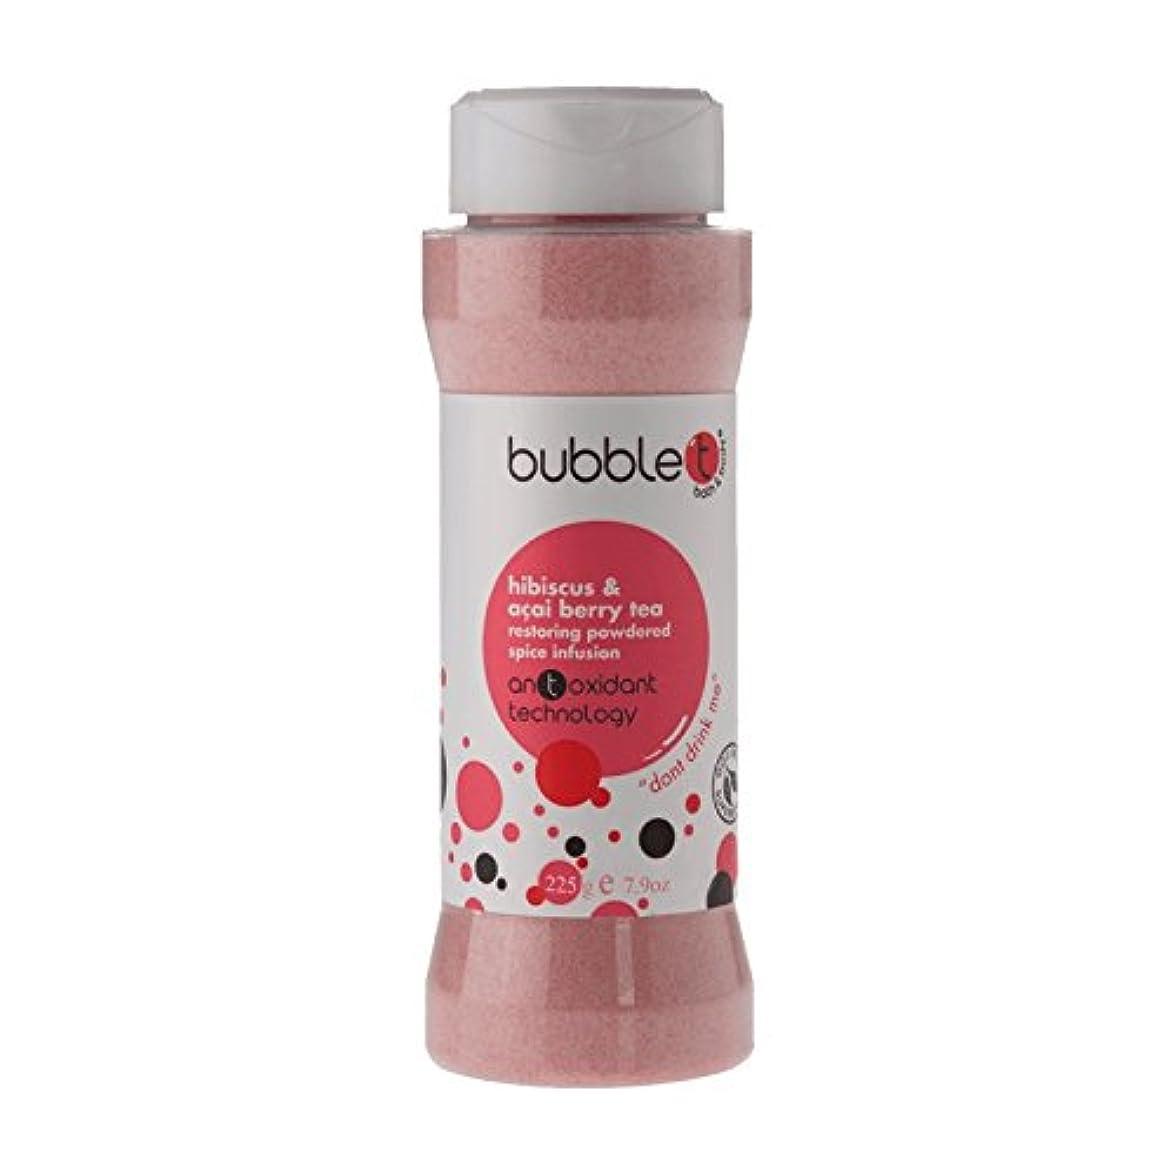 船形図承認するBubble T Bath Spice Infusion Hibiscus & Acai Berry Tea 225g (Pack of 6) - バブルトン風呂スパイス注入ハイビスカス&アサイベリー茶225グラム (x6...